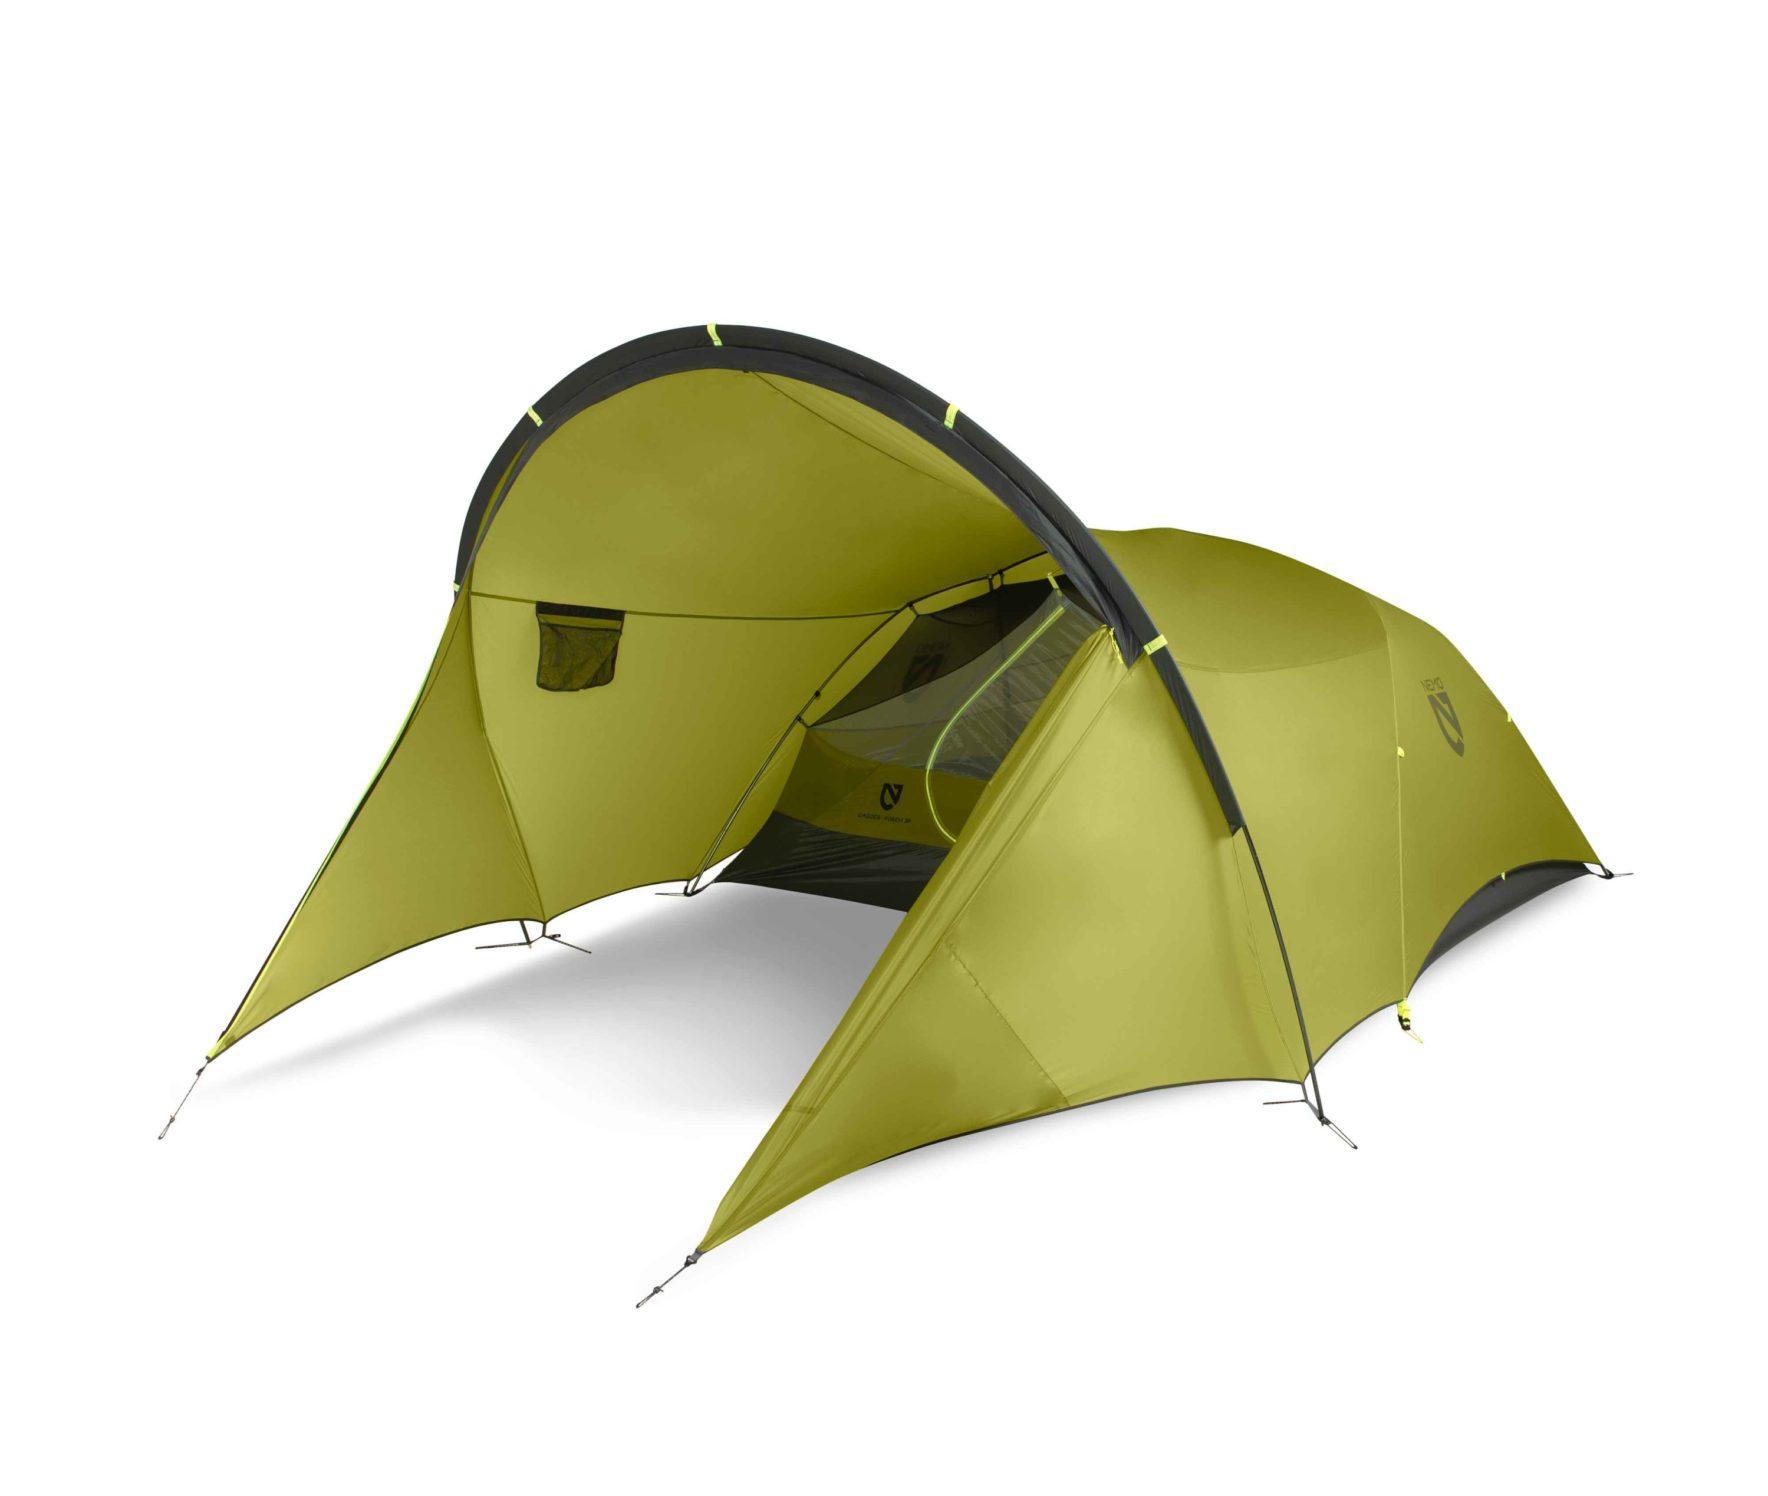 NEMO(ニーモ)から巨大な前室を持つミニマムなテントが発売されました「DAGGER PORCH TENT」2